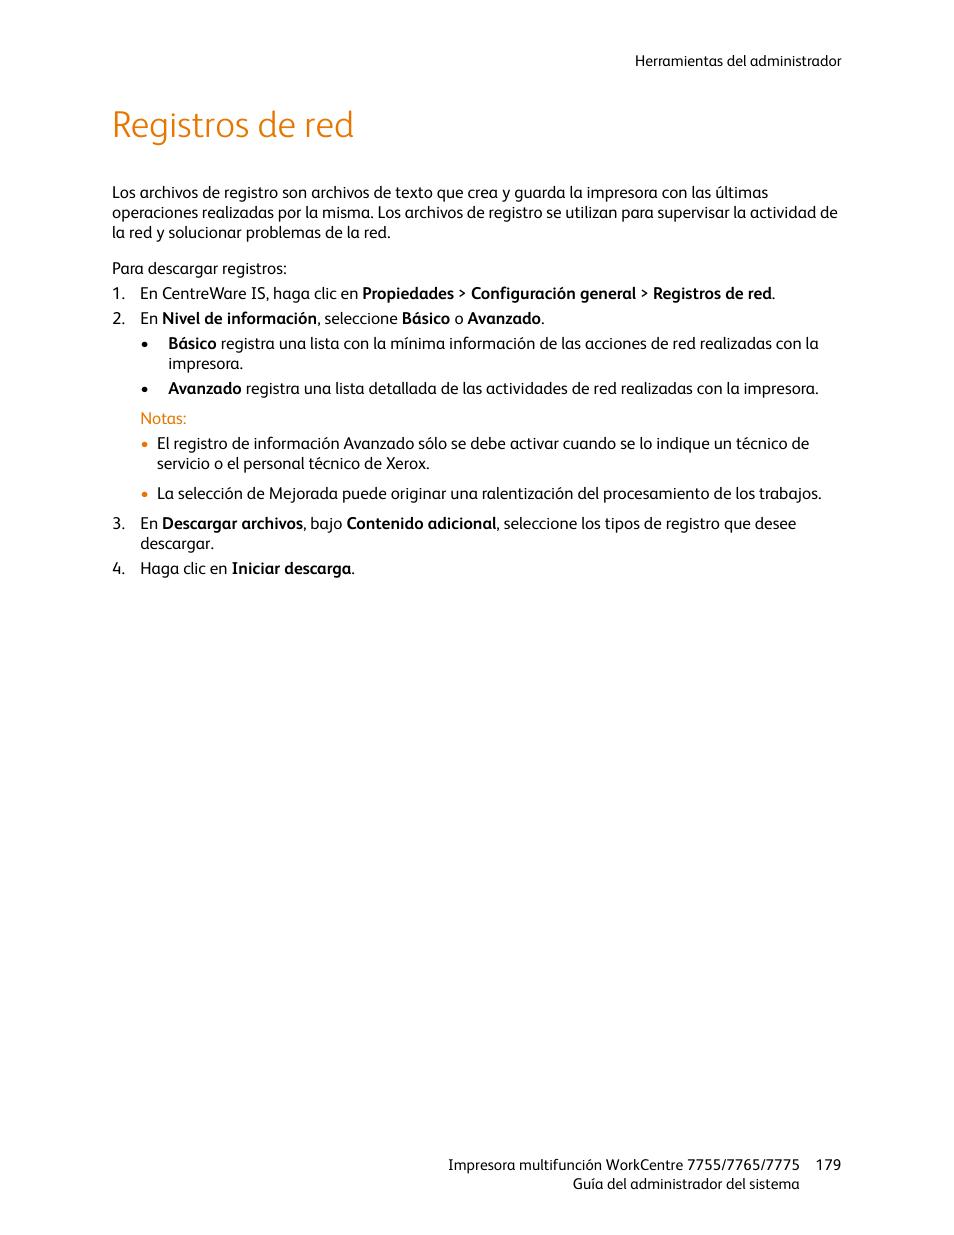 Registros de red | Xerox WorkCentre 7755-7765-7775 con EFI